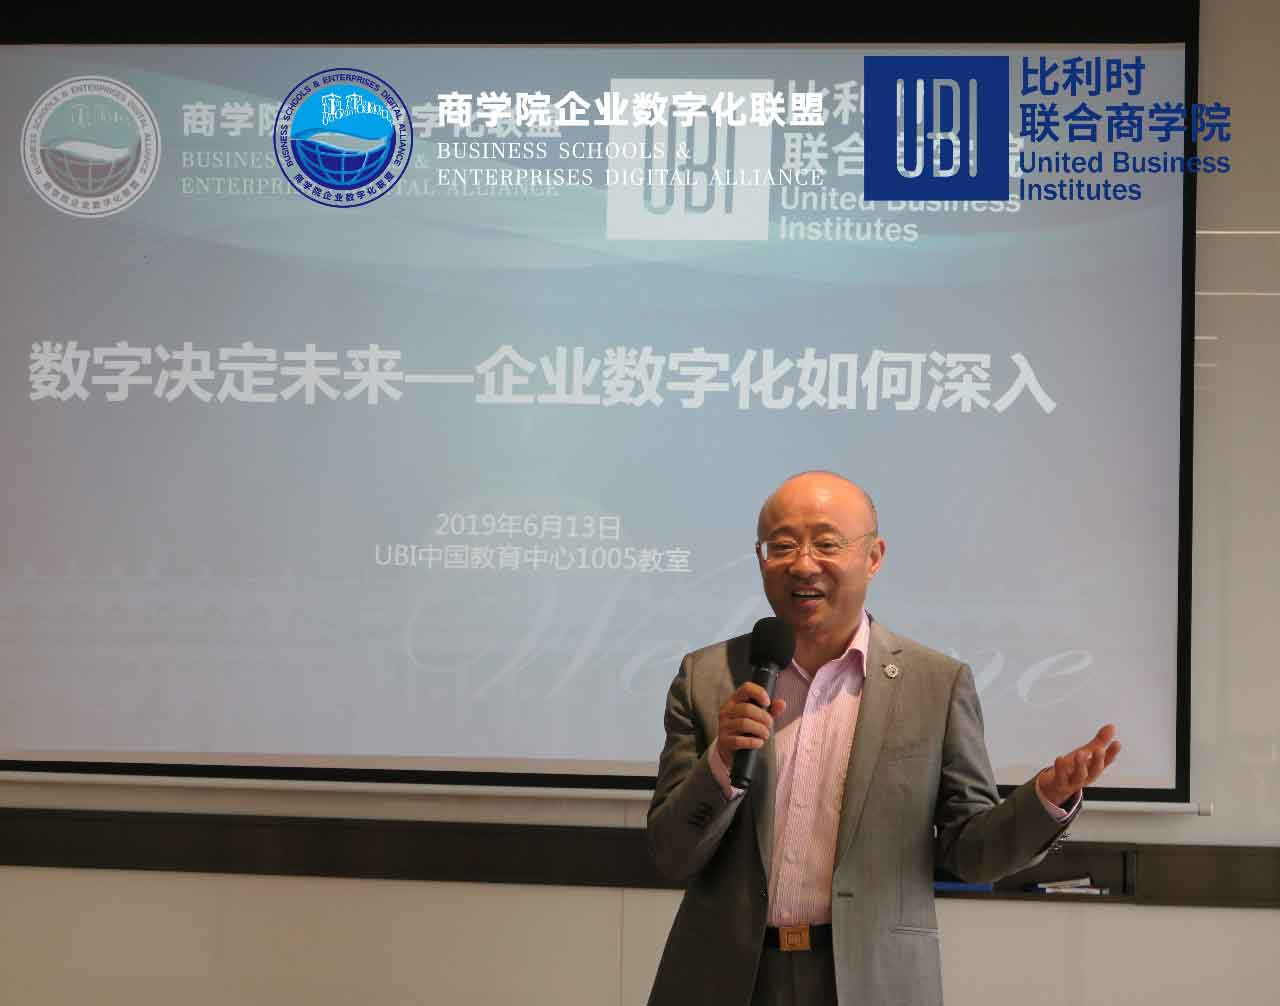 商学院企业数字化联盟创始人孙伟